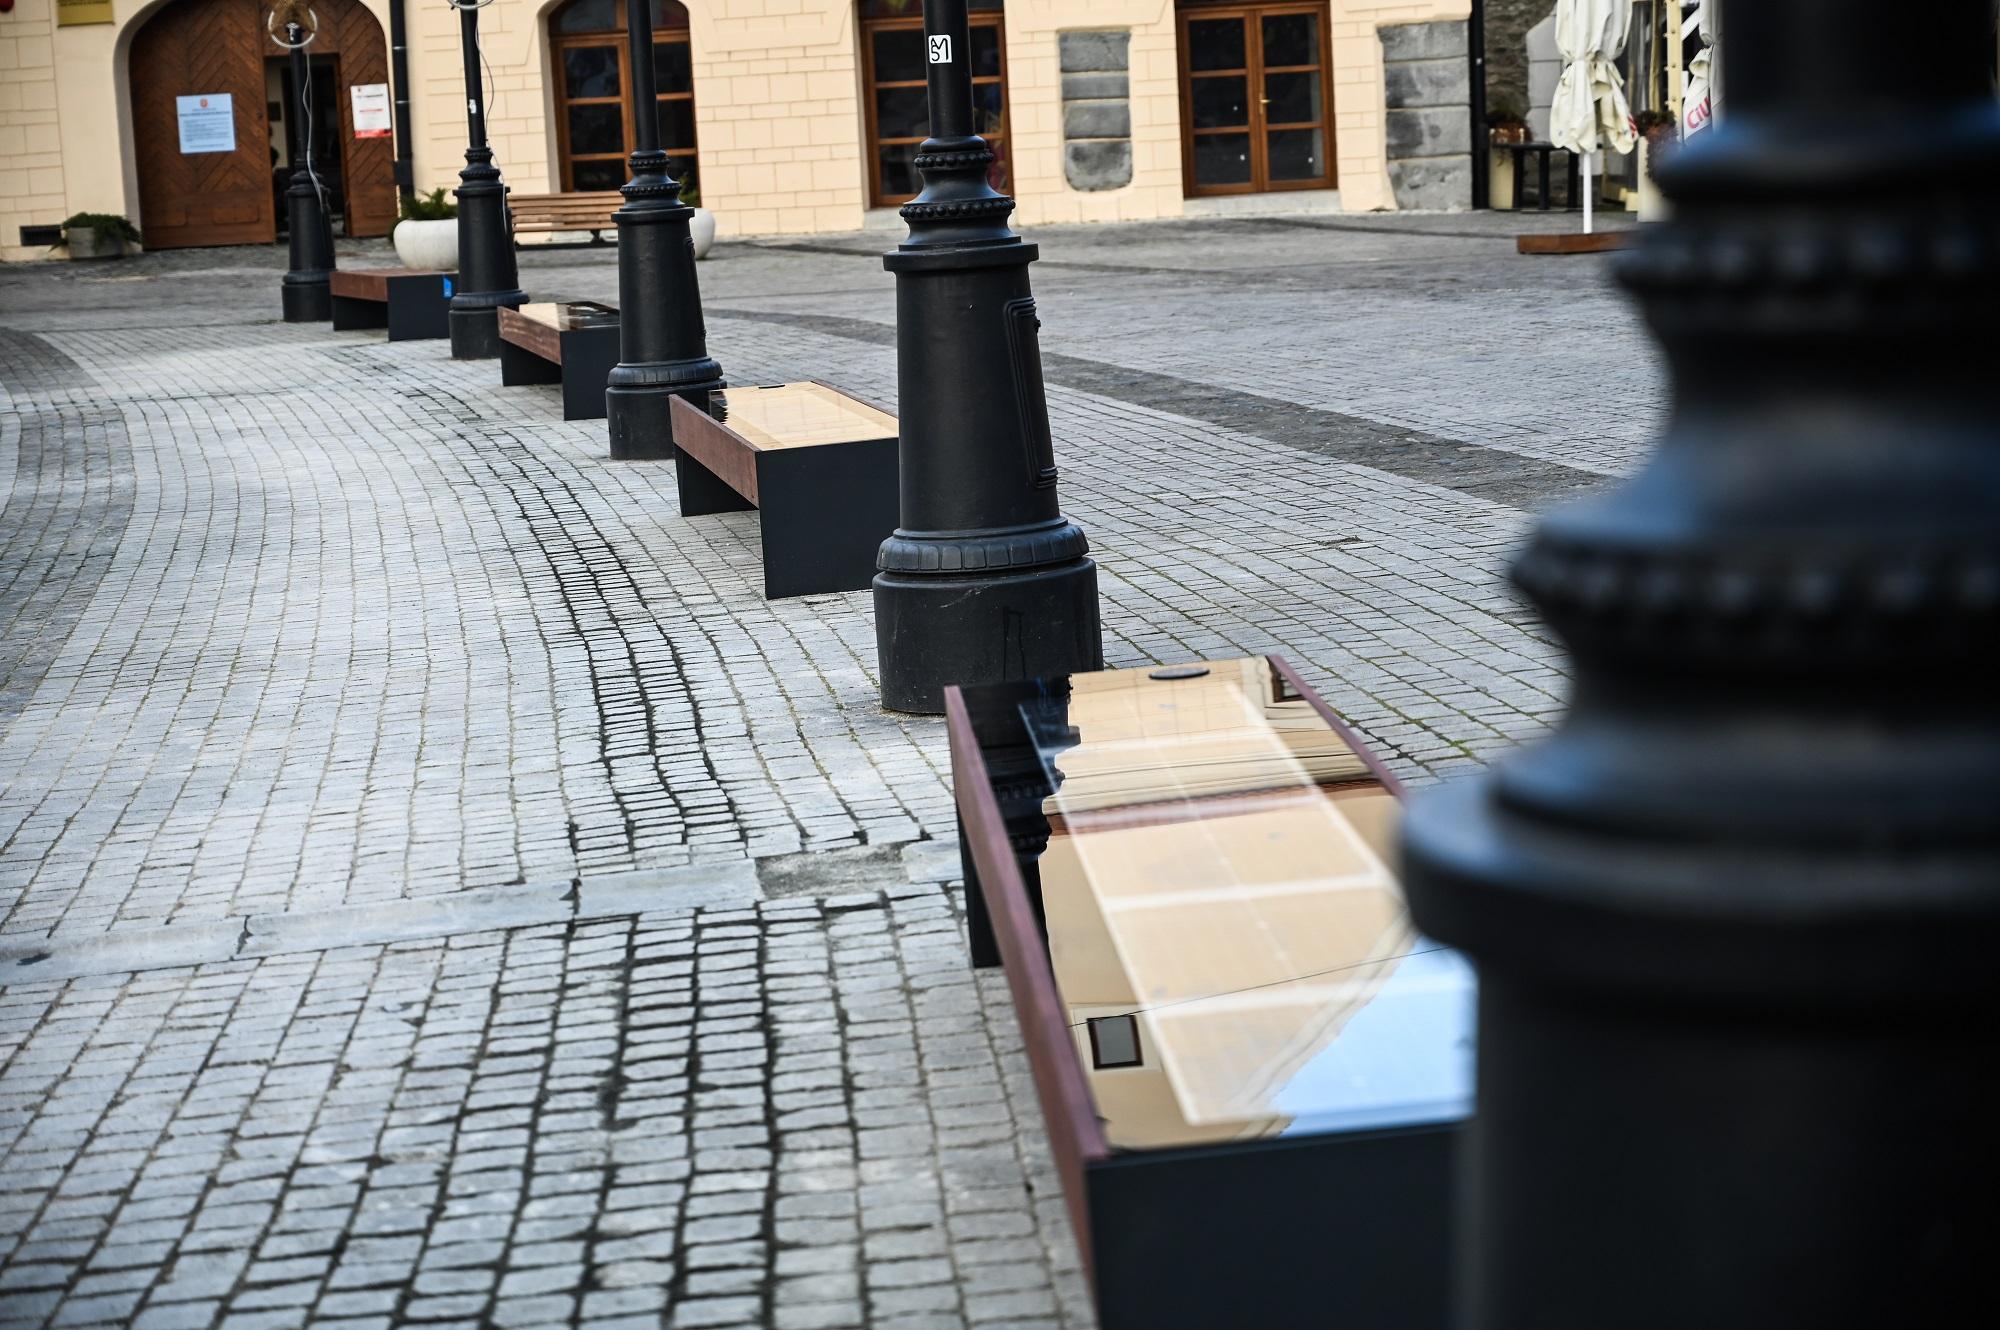 Bănci inteligente instalate de Primăria Sibiu în Piaţa Mică din centrul istoric al oraşului